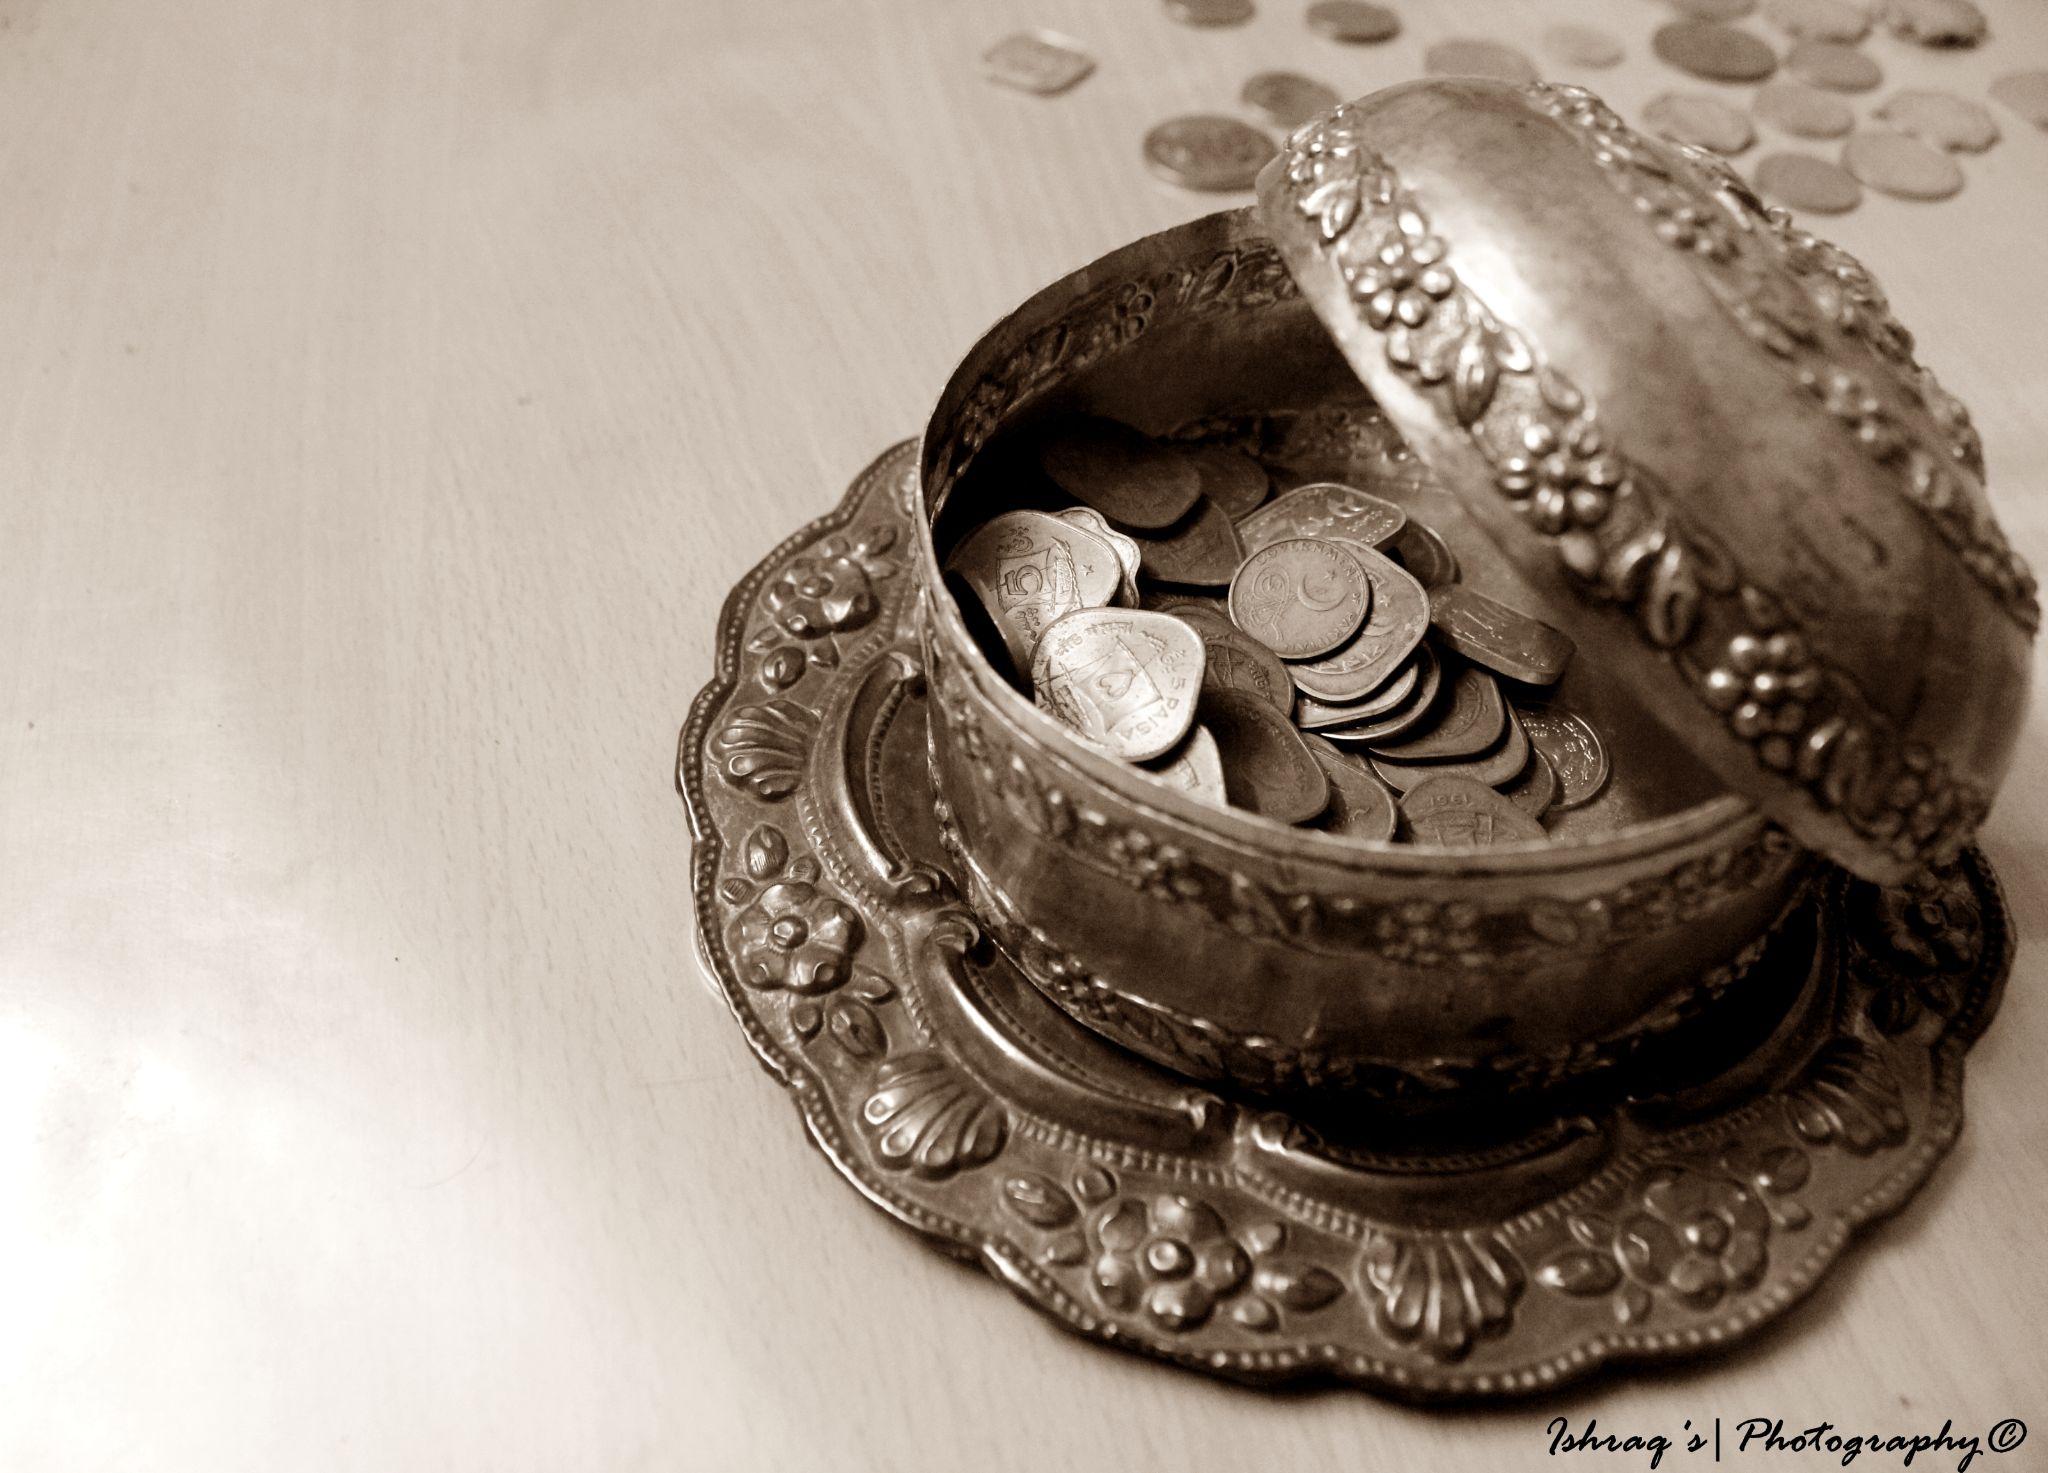 Treasure box by Ishraq Tahmid